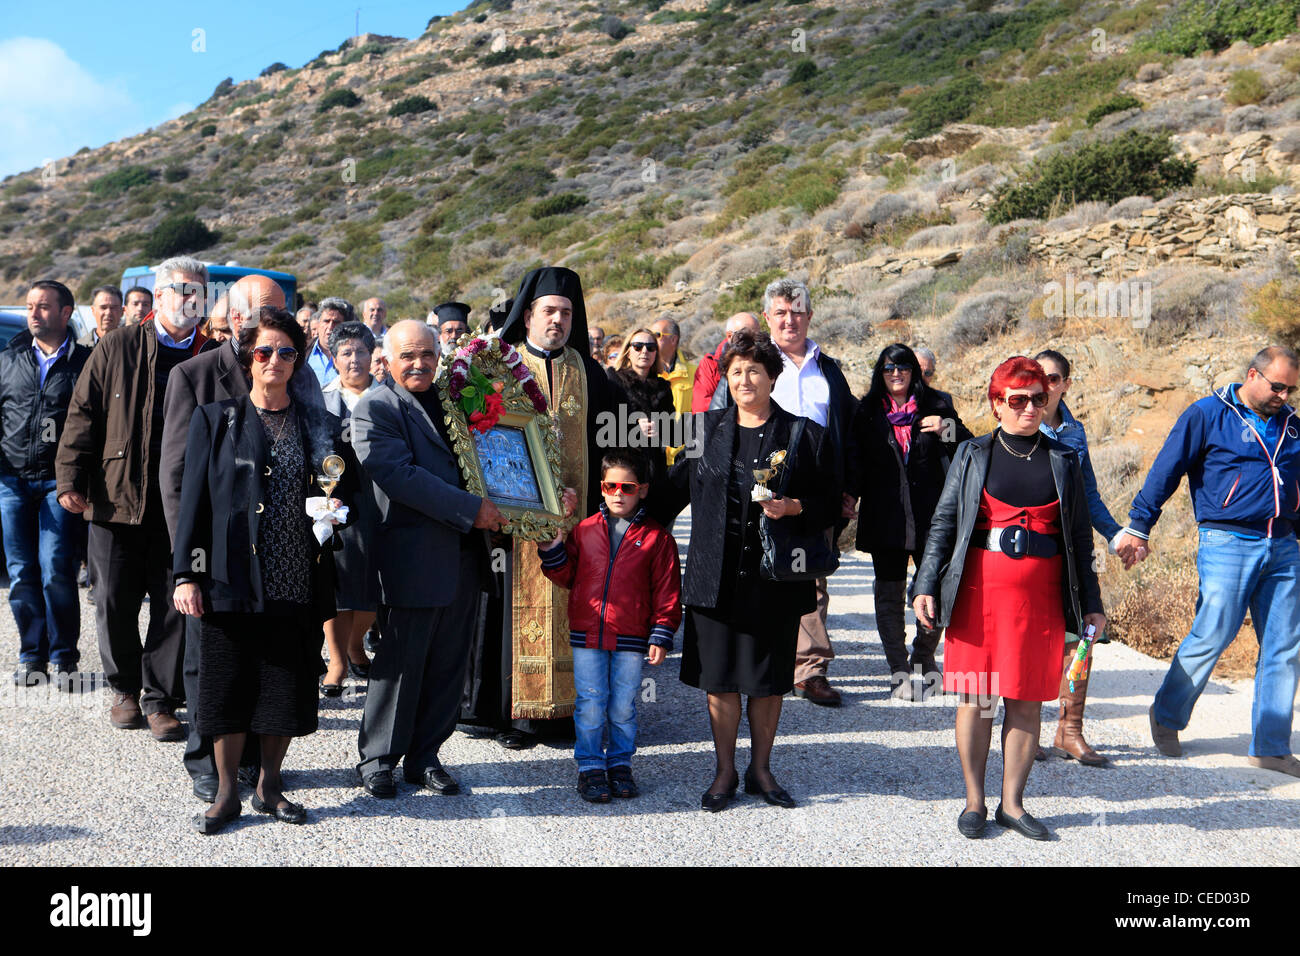 Grèce îles Cyclades sikinos un festival religieux Banque D'Images